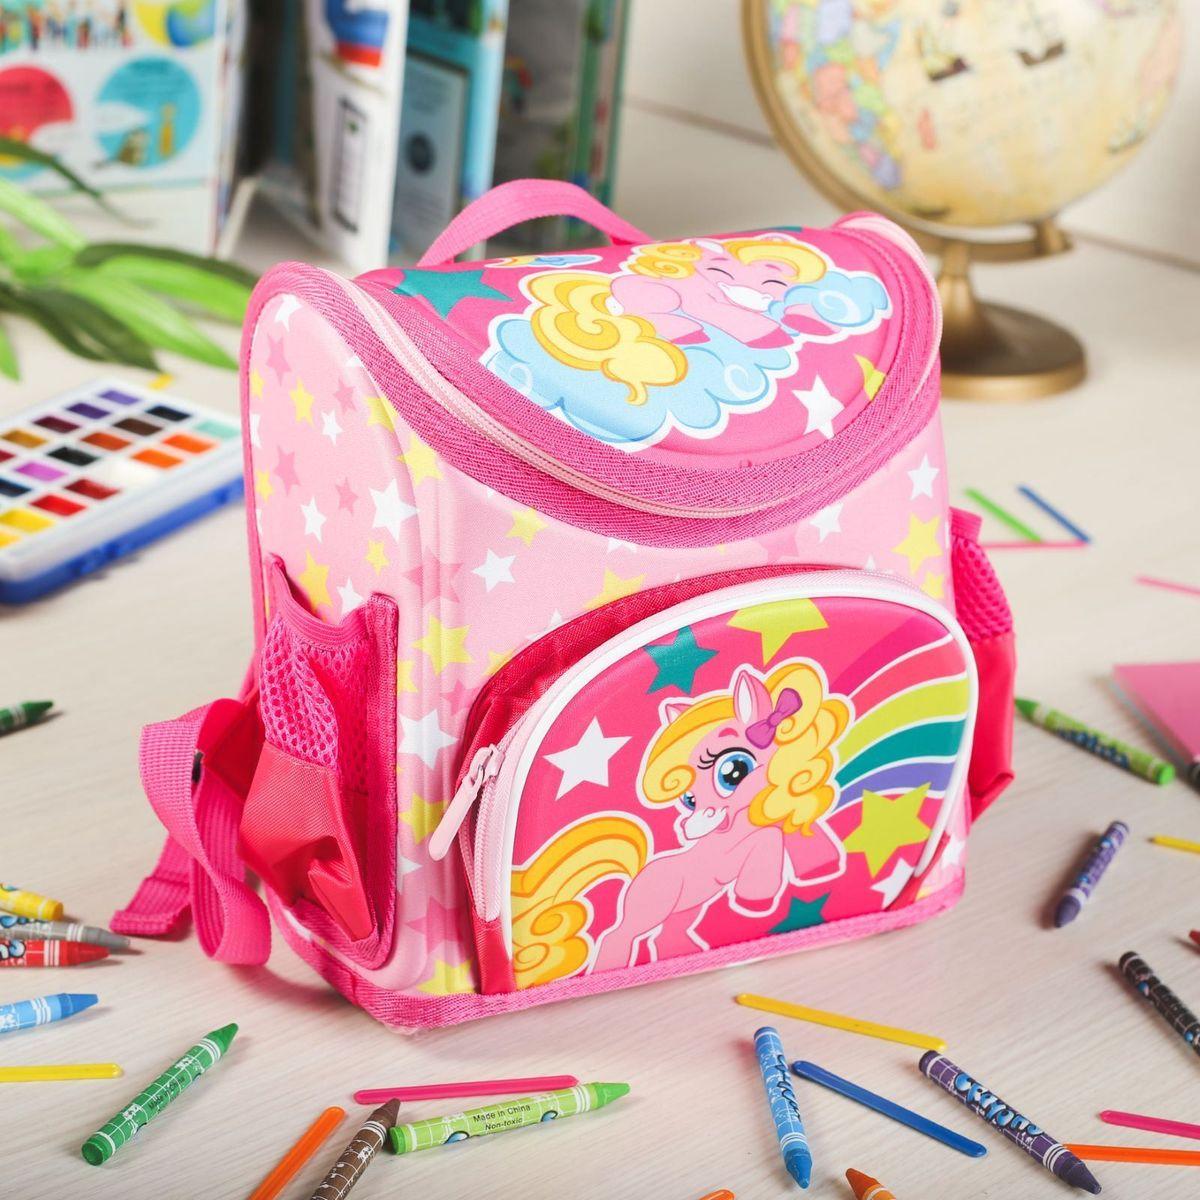 Страна Карнавалия Рюкзак дошкольный Пони цвет розовый2186543Маленькие, казалось бы, незначительные элементы зачастую завершают, дополняют образ, подчёркивают статус, стиль и вкус своего обладателя. Рюкзак дошкольный каркасный Пони, — одна из подобных деталей. Это вещь достойного качества, которая может стать прекрасным подарком по любому поводу.